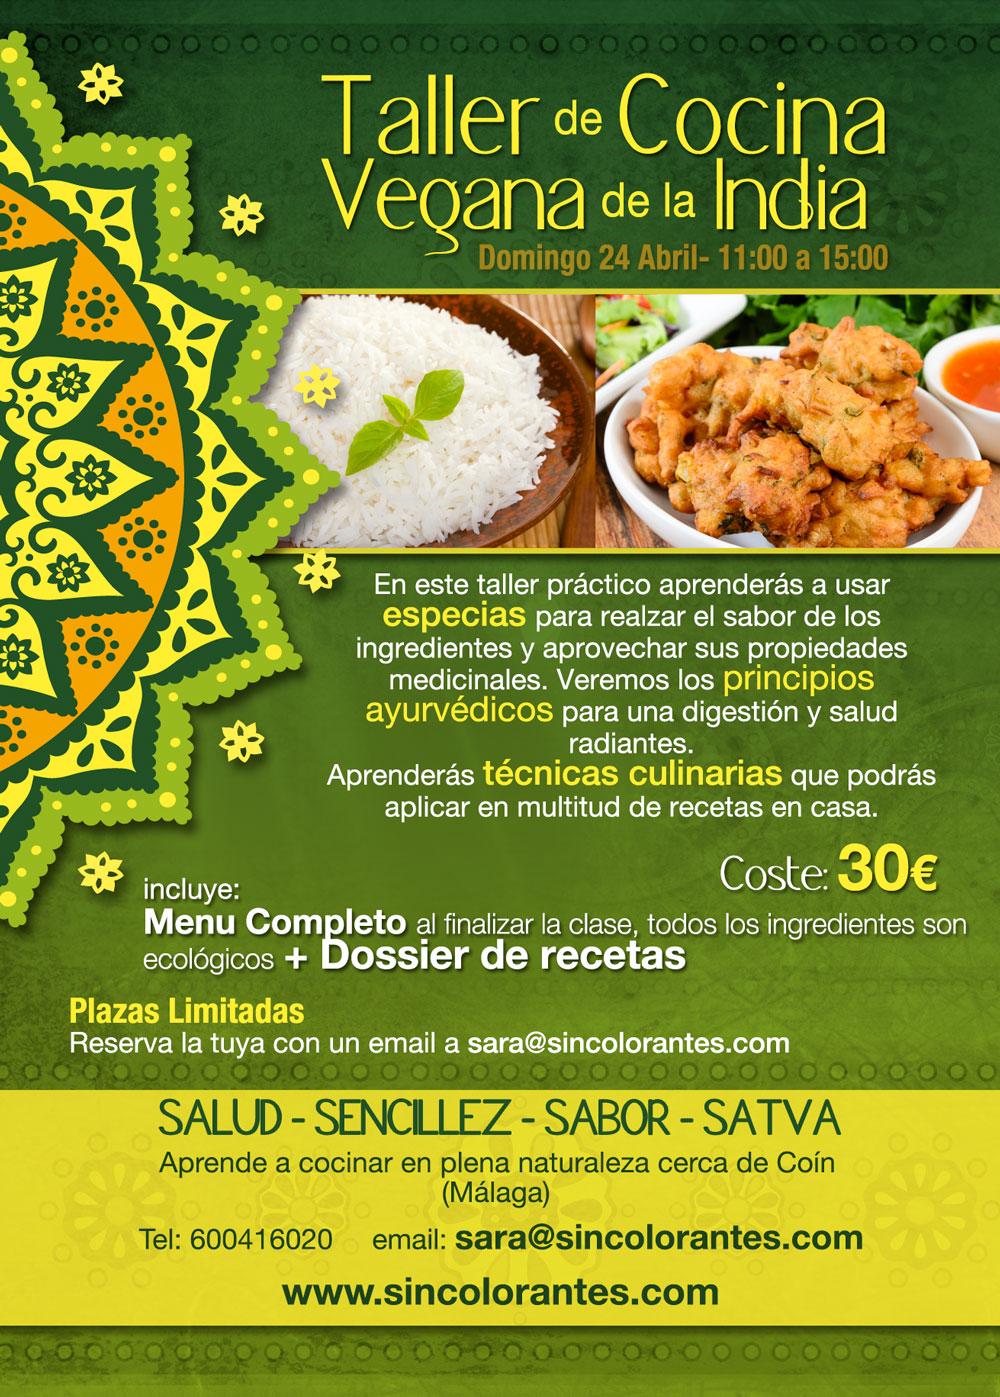 Talleres de Cocina India Vegana  sincolorantescom